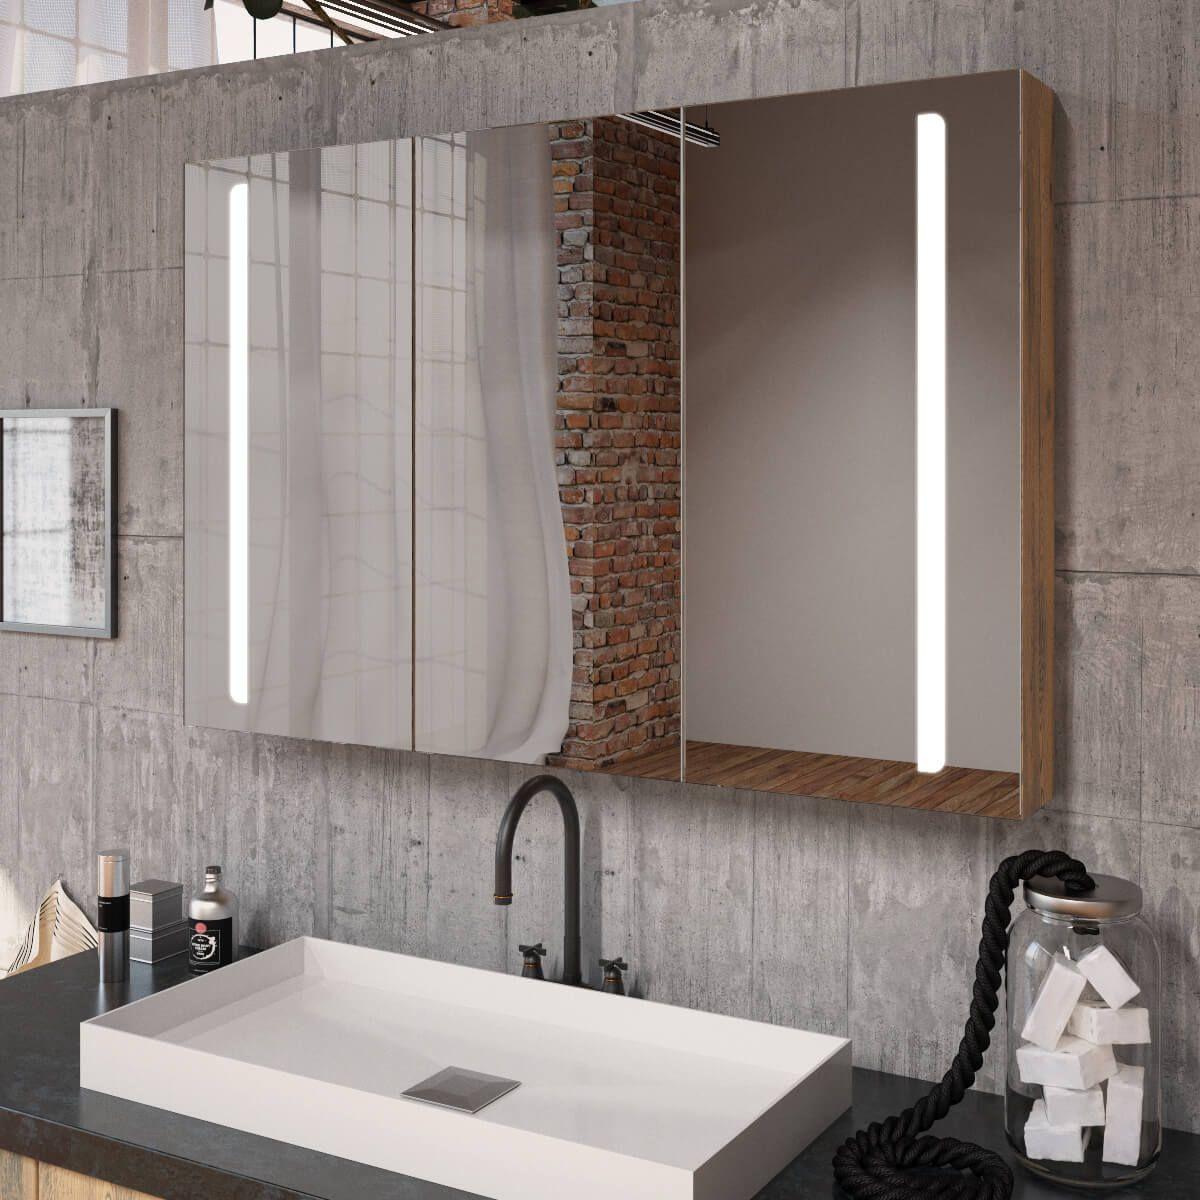 Spiegelschrank Ogrel Mit Led Beleuchtung 989706595 Zukunftige Projekte Spiegelschrank Led Beleuchtung Und Spiegelschrank Bad